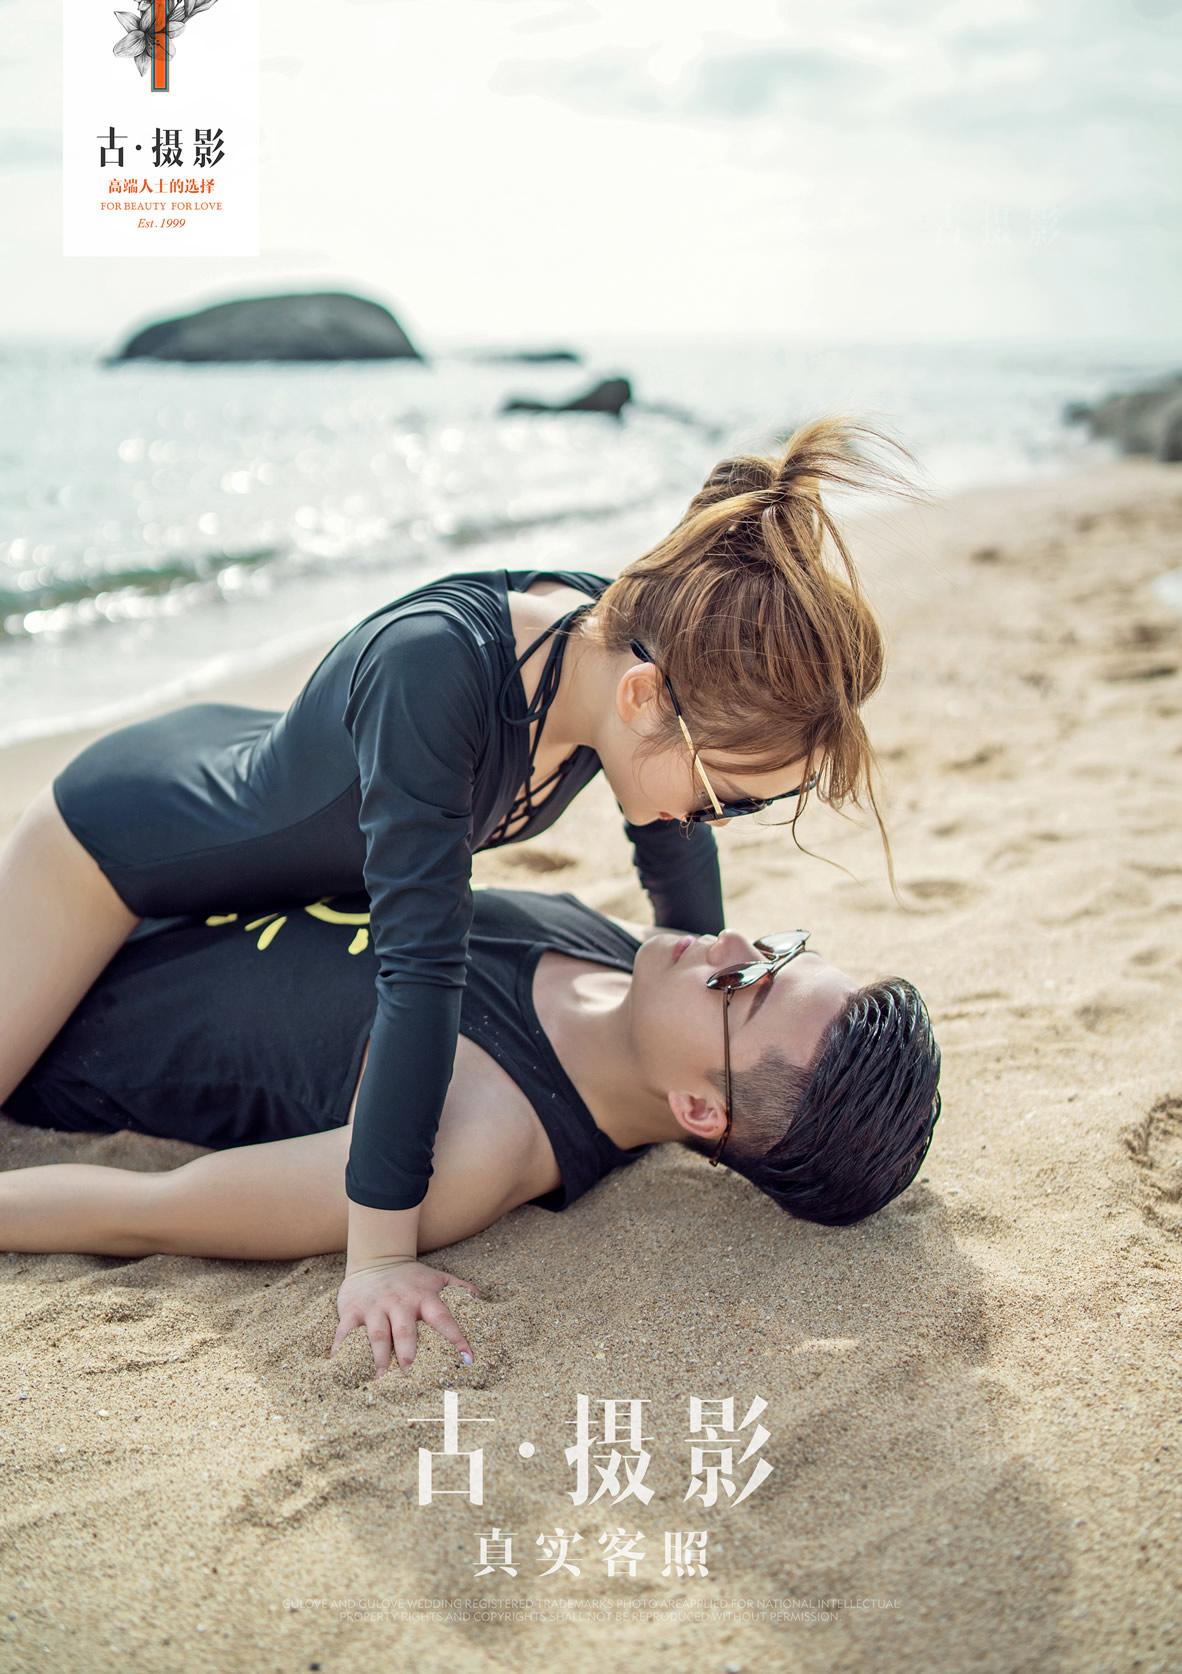 10月18日客片孙先生 甘小姐 - 每日客照 - love昆明古摄影-昆明婚纱摄影网